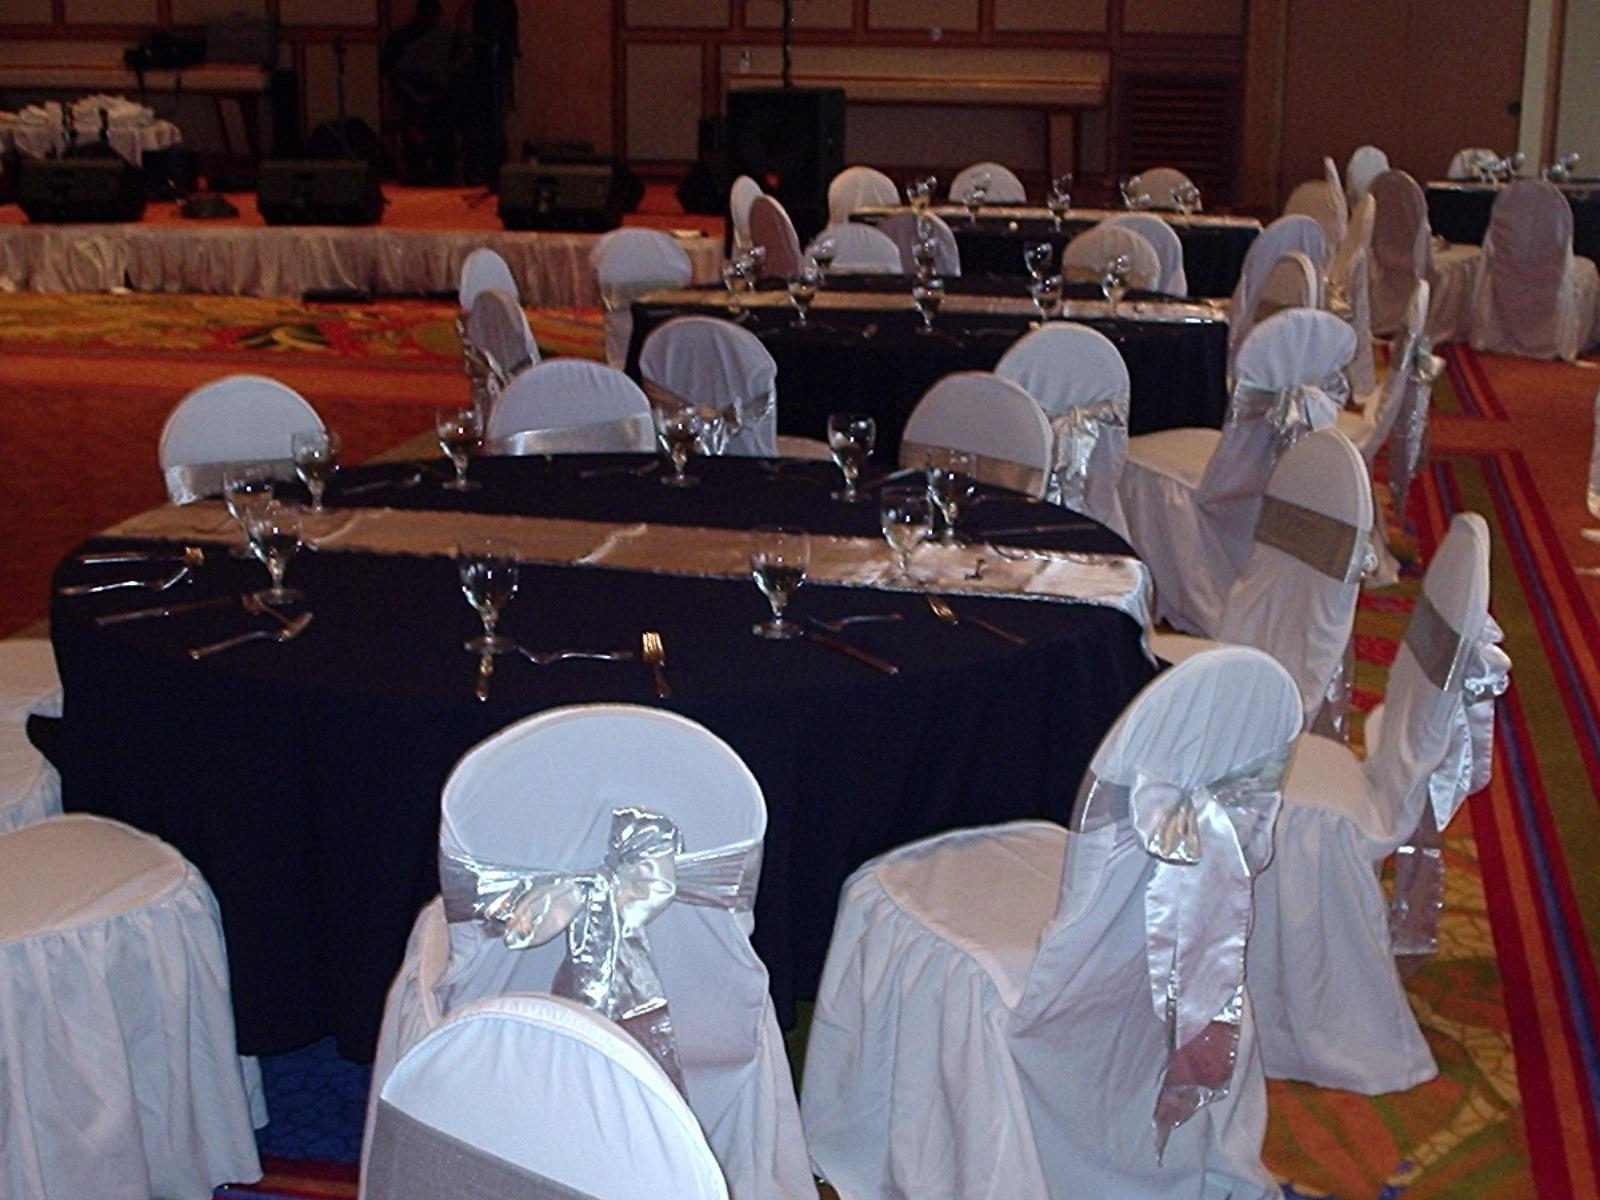 wedding pew decoration ideas